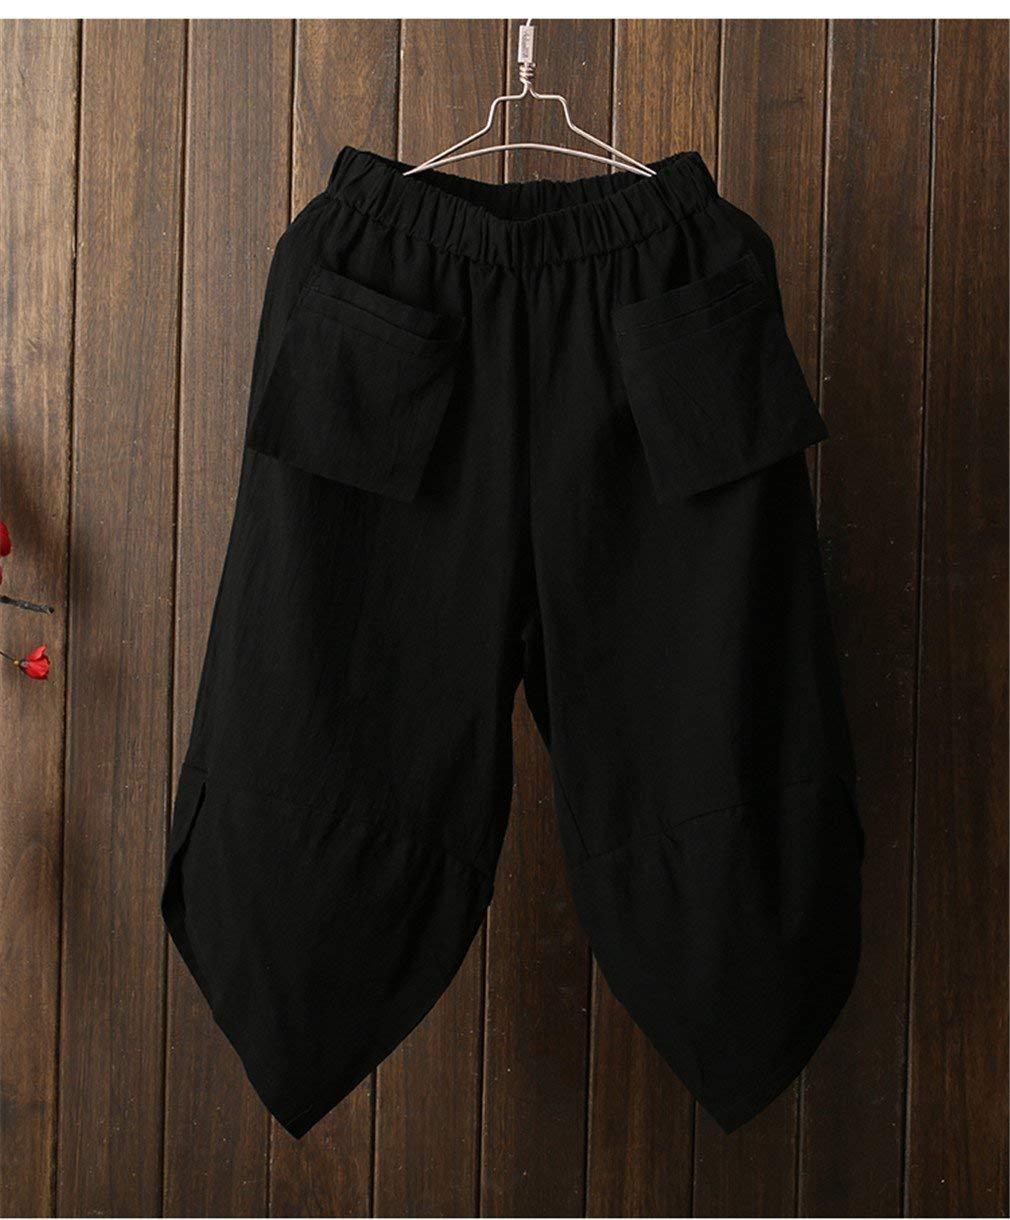 3 4 haremshose dam fit mode enfärgad lös modern linne haremshose med elastisk midja casual byxor jeggings sport yoga strandbyxor M 1nr